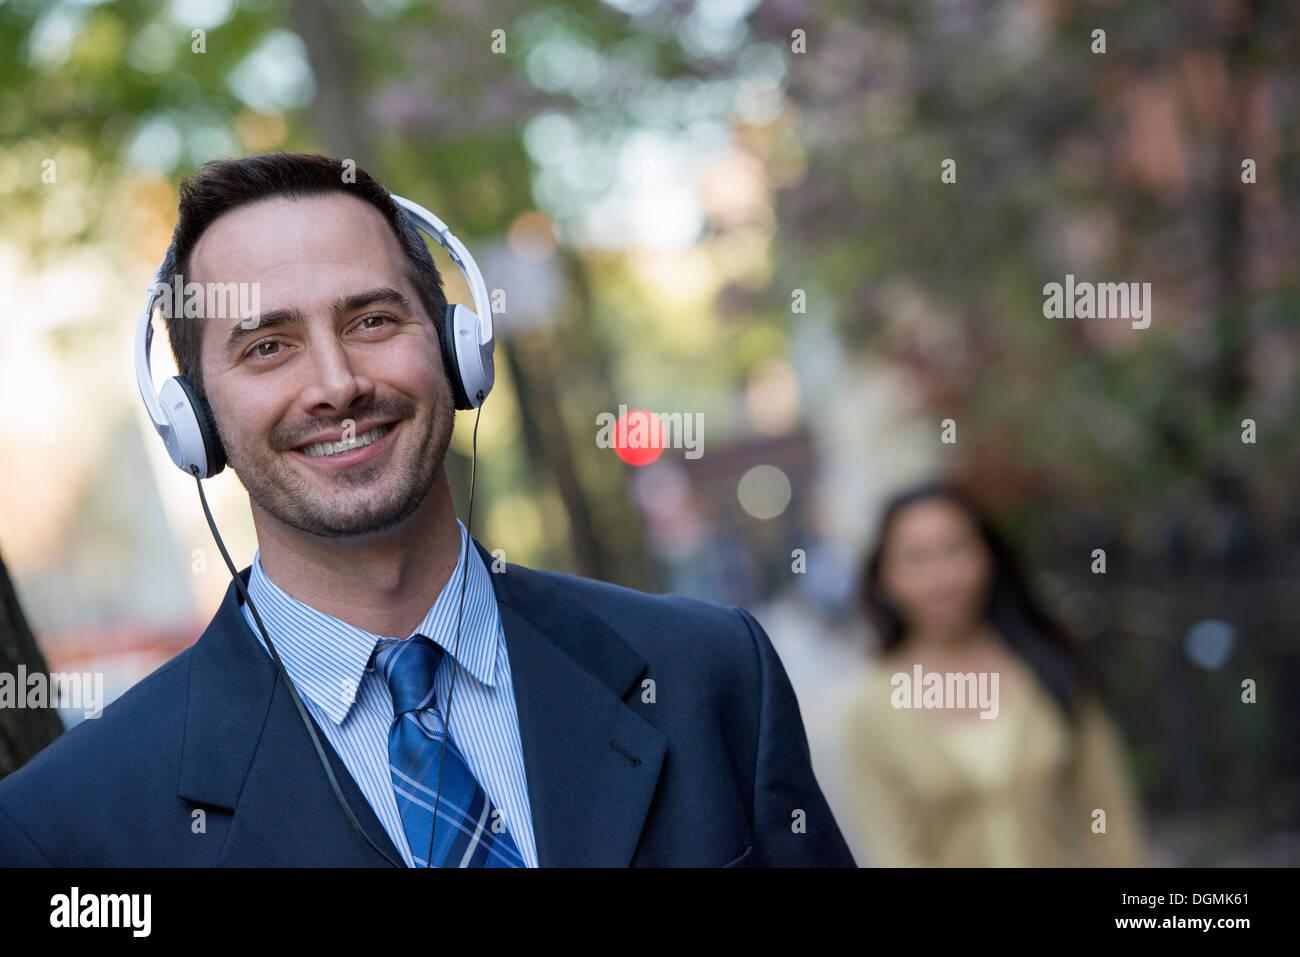 Un homme en costume d'affaires portant un casque blanc, écouter de la musique. Photo Stock